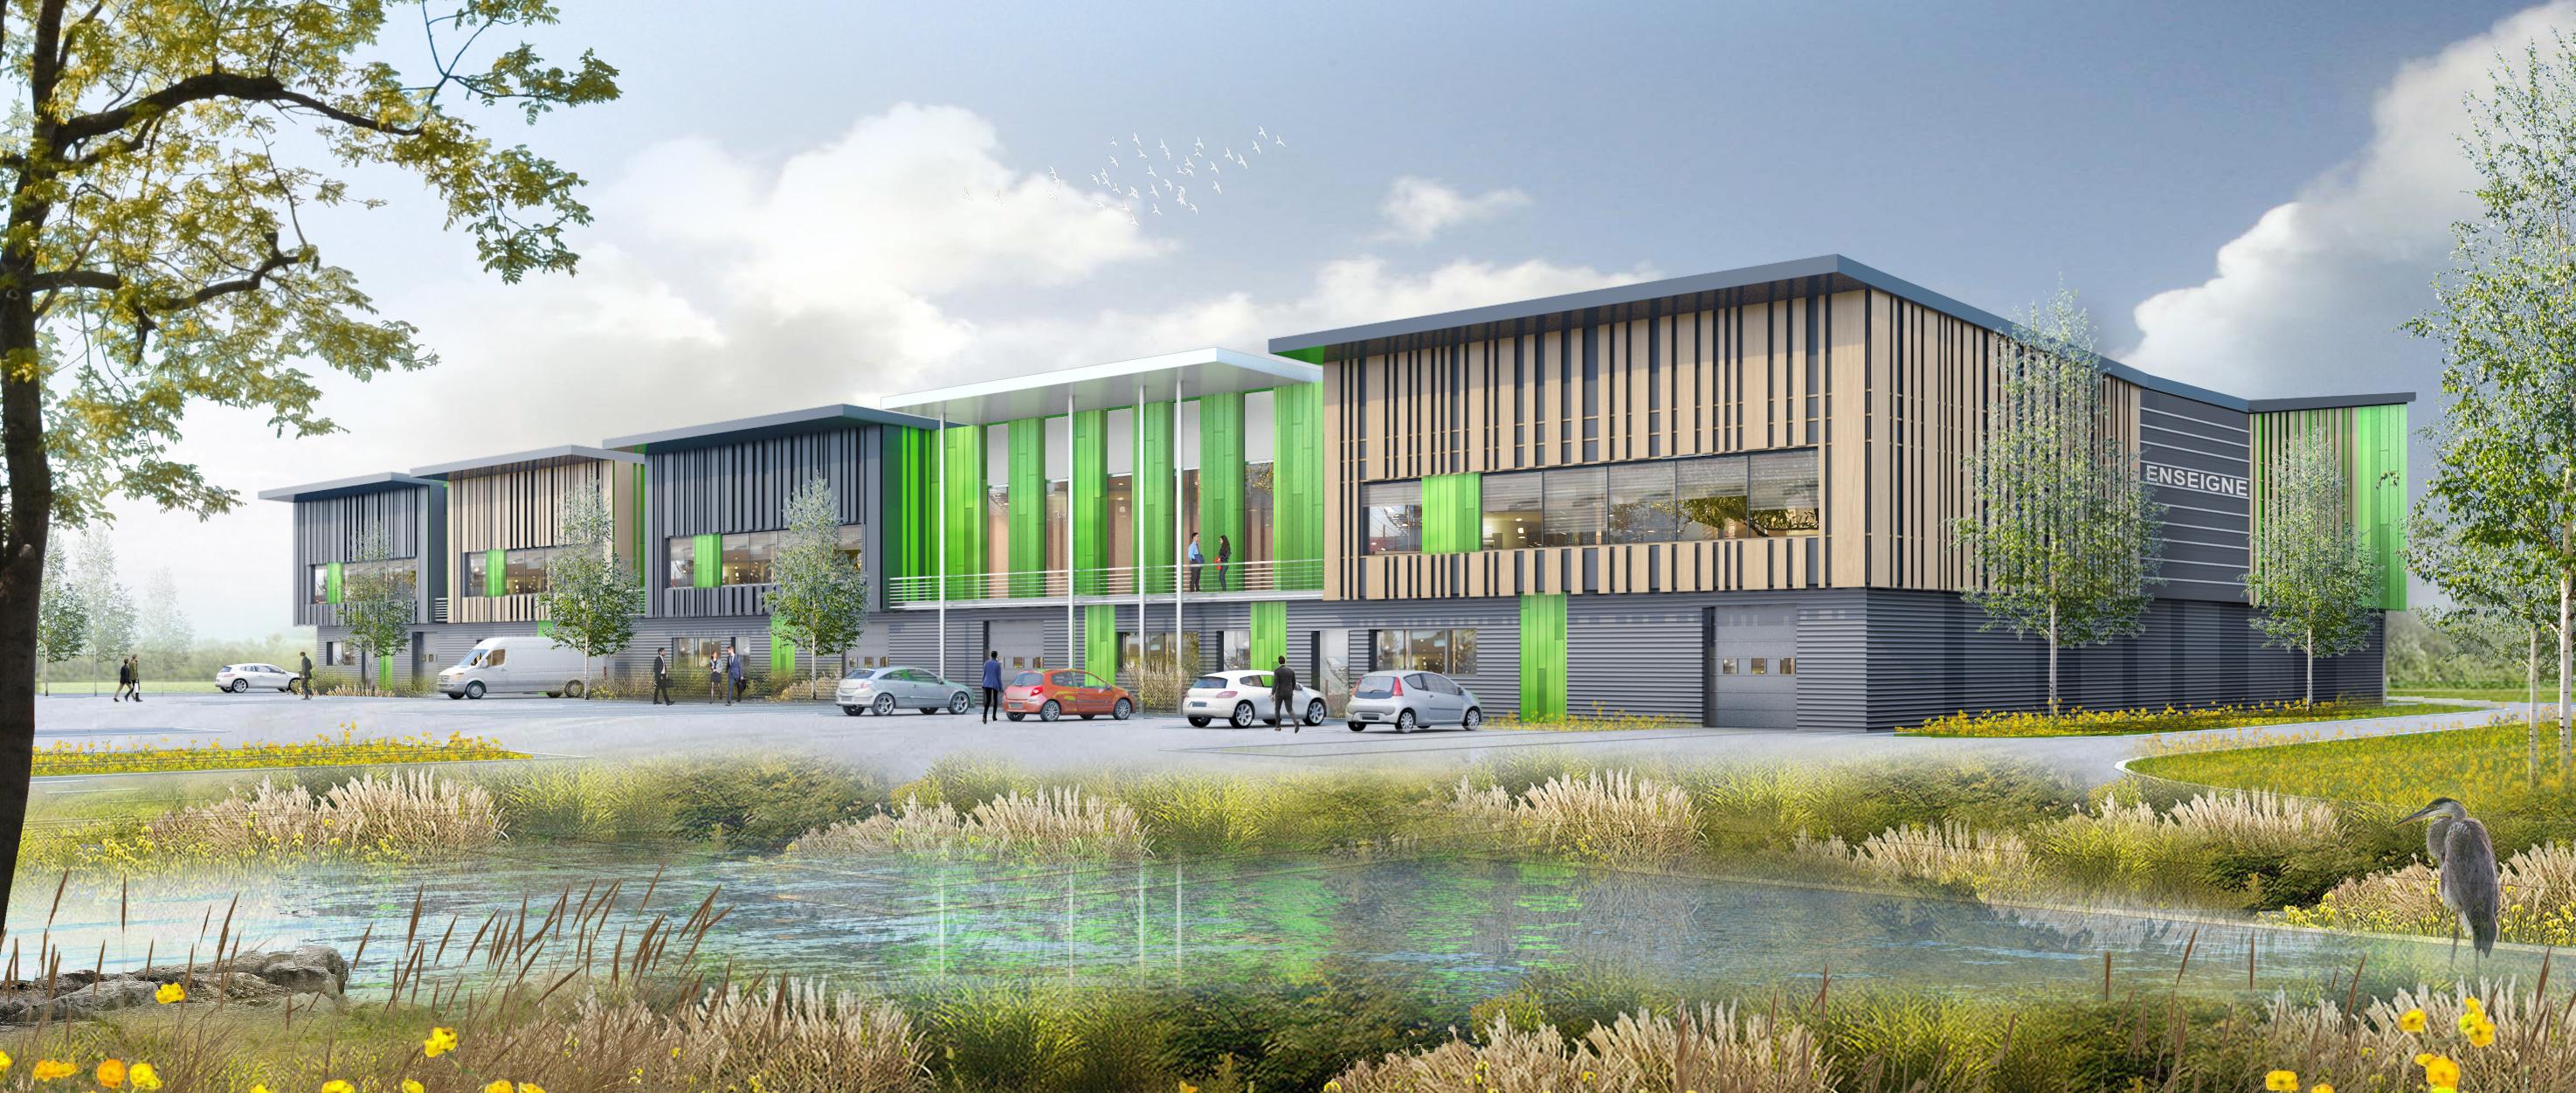 Atland développe 40 000 mètres carrés à Conflans-Sainte-Honorine